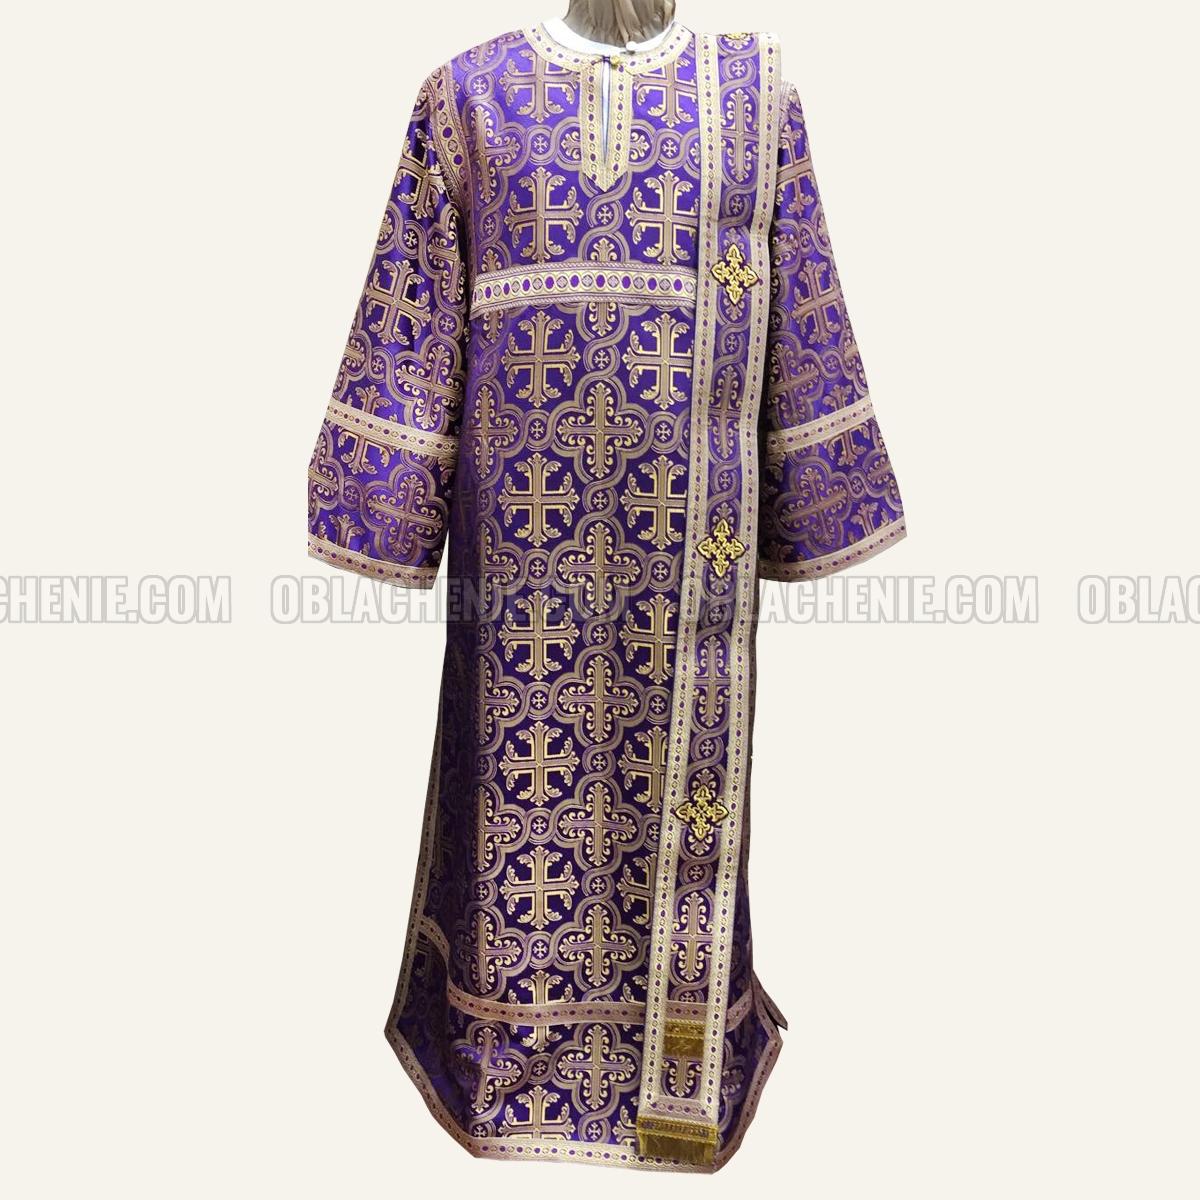 Deacon's vestments 10346